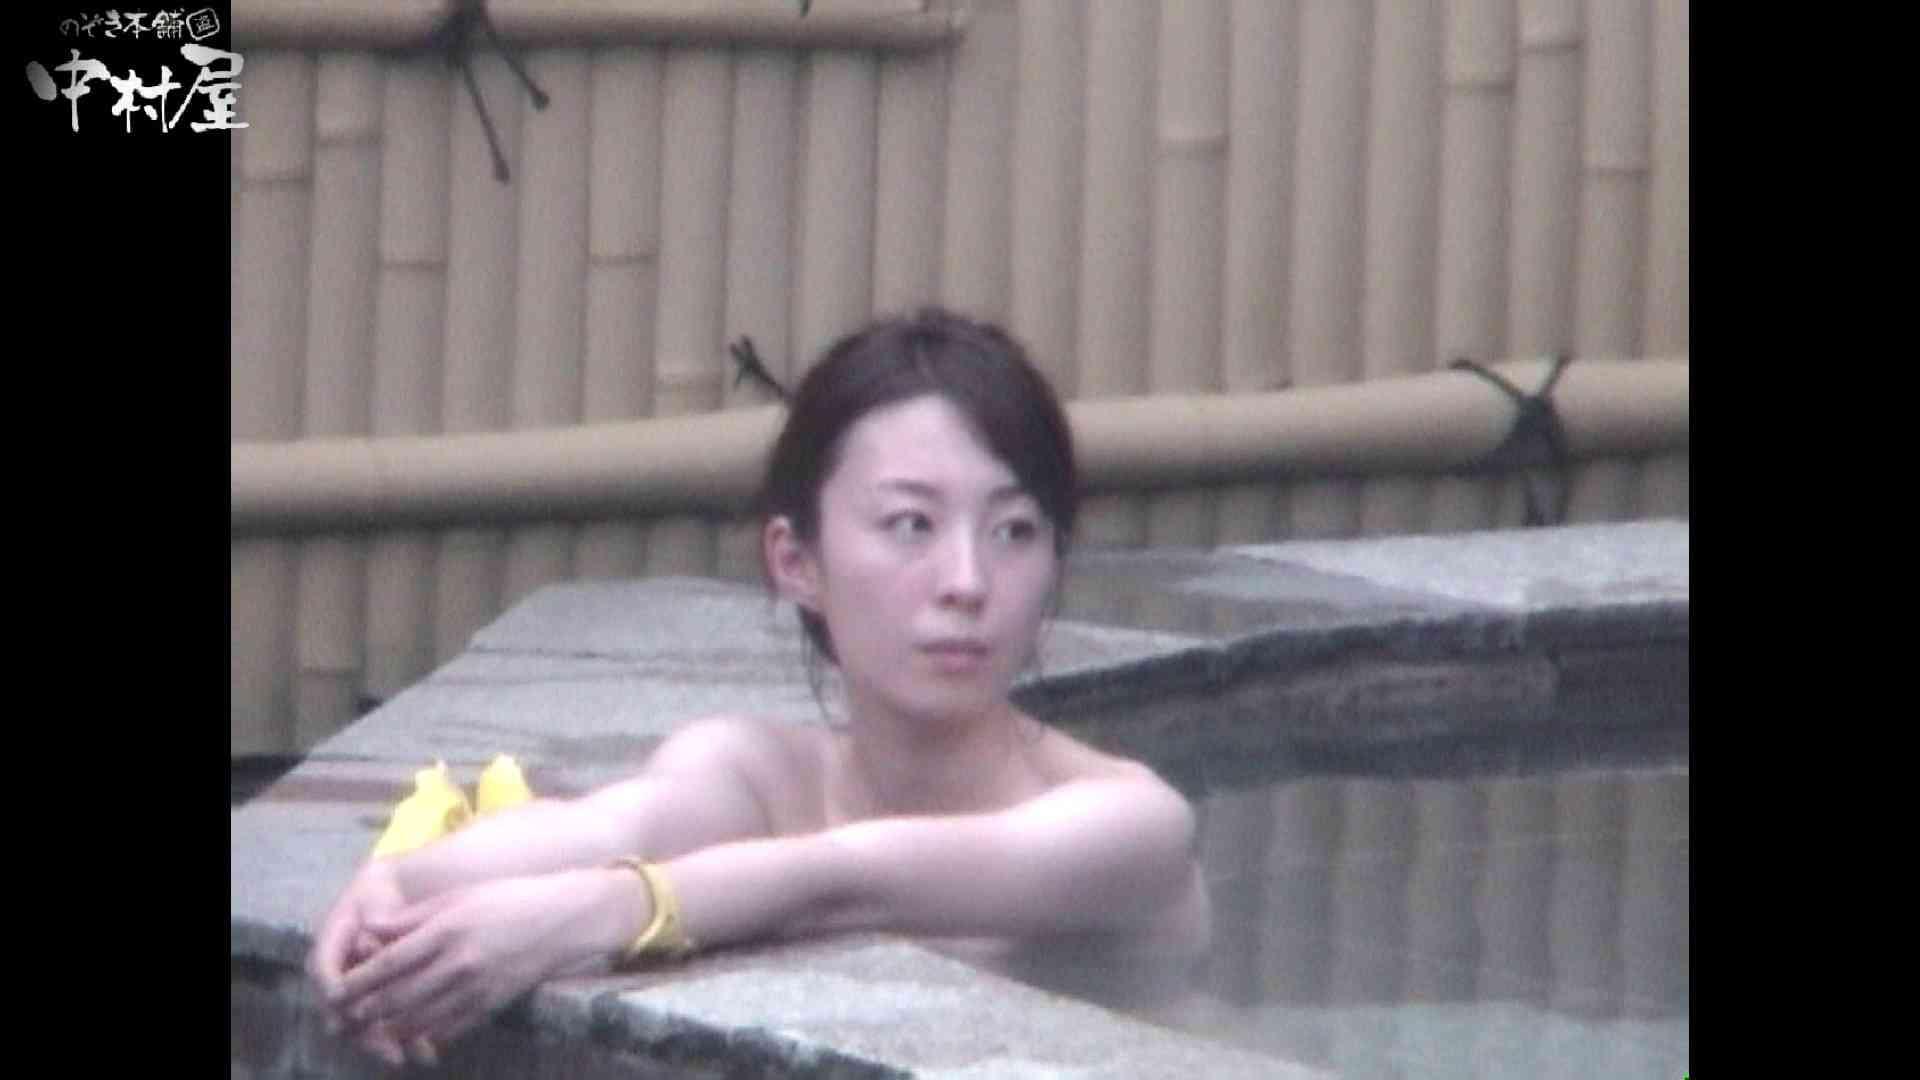 Aquaな露天風呂Vol.964 0  101pic 8